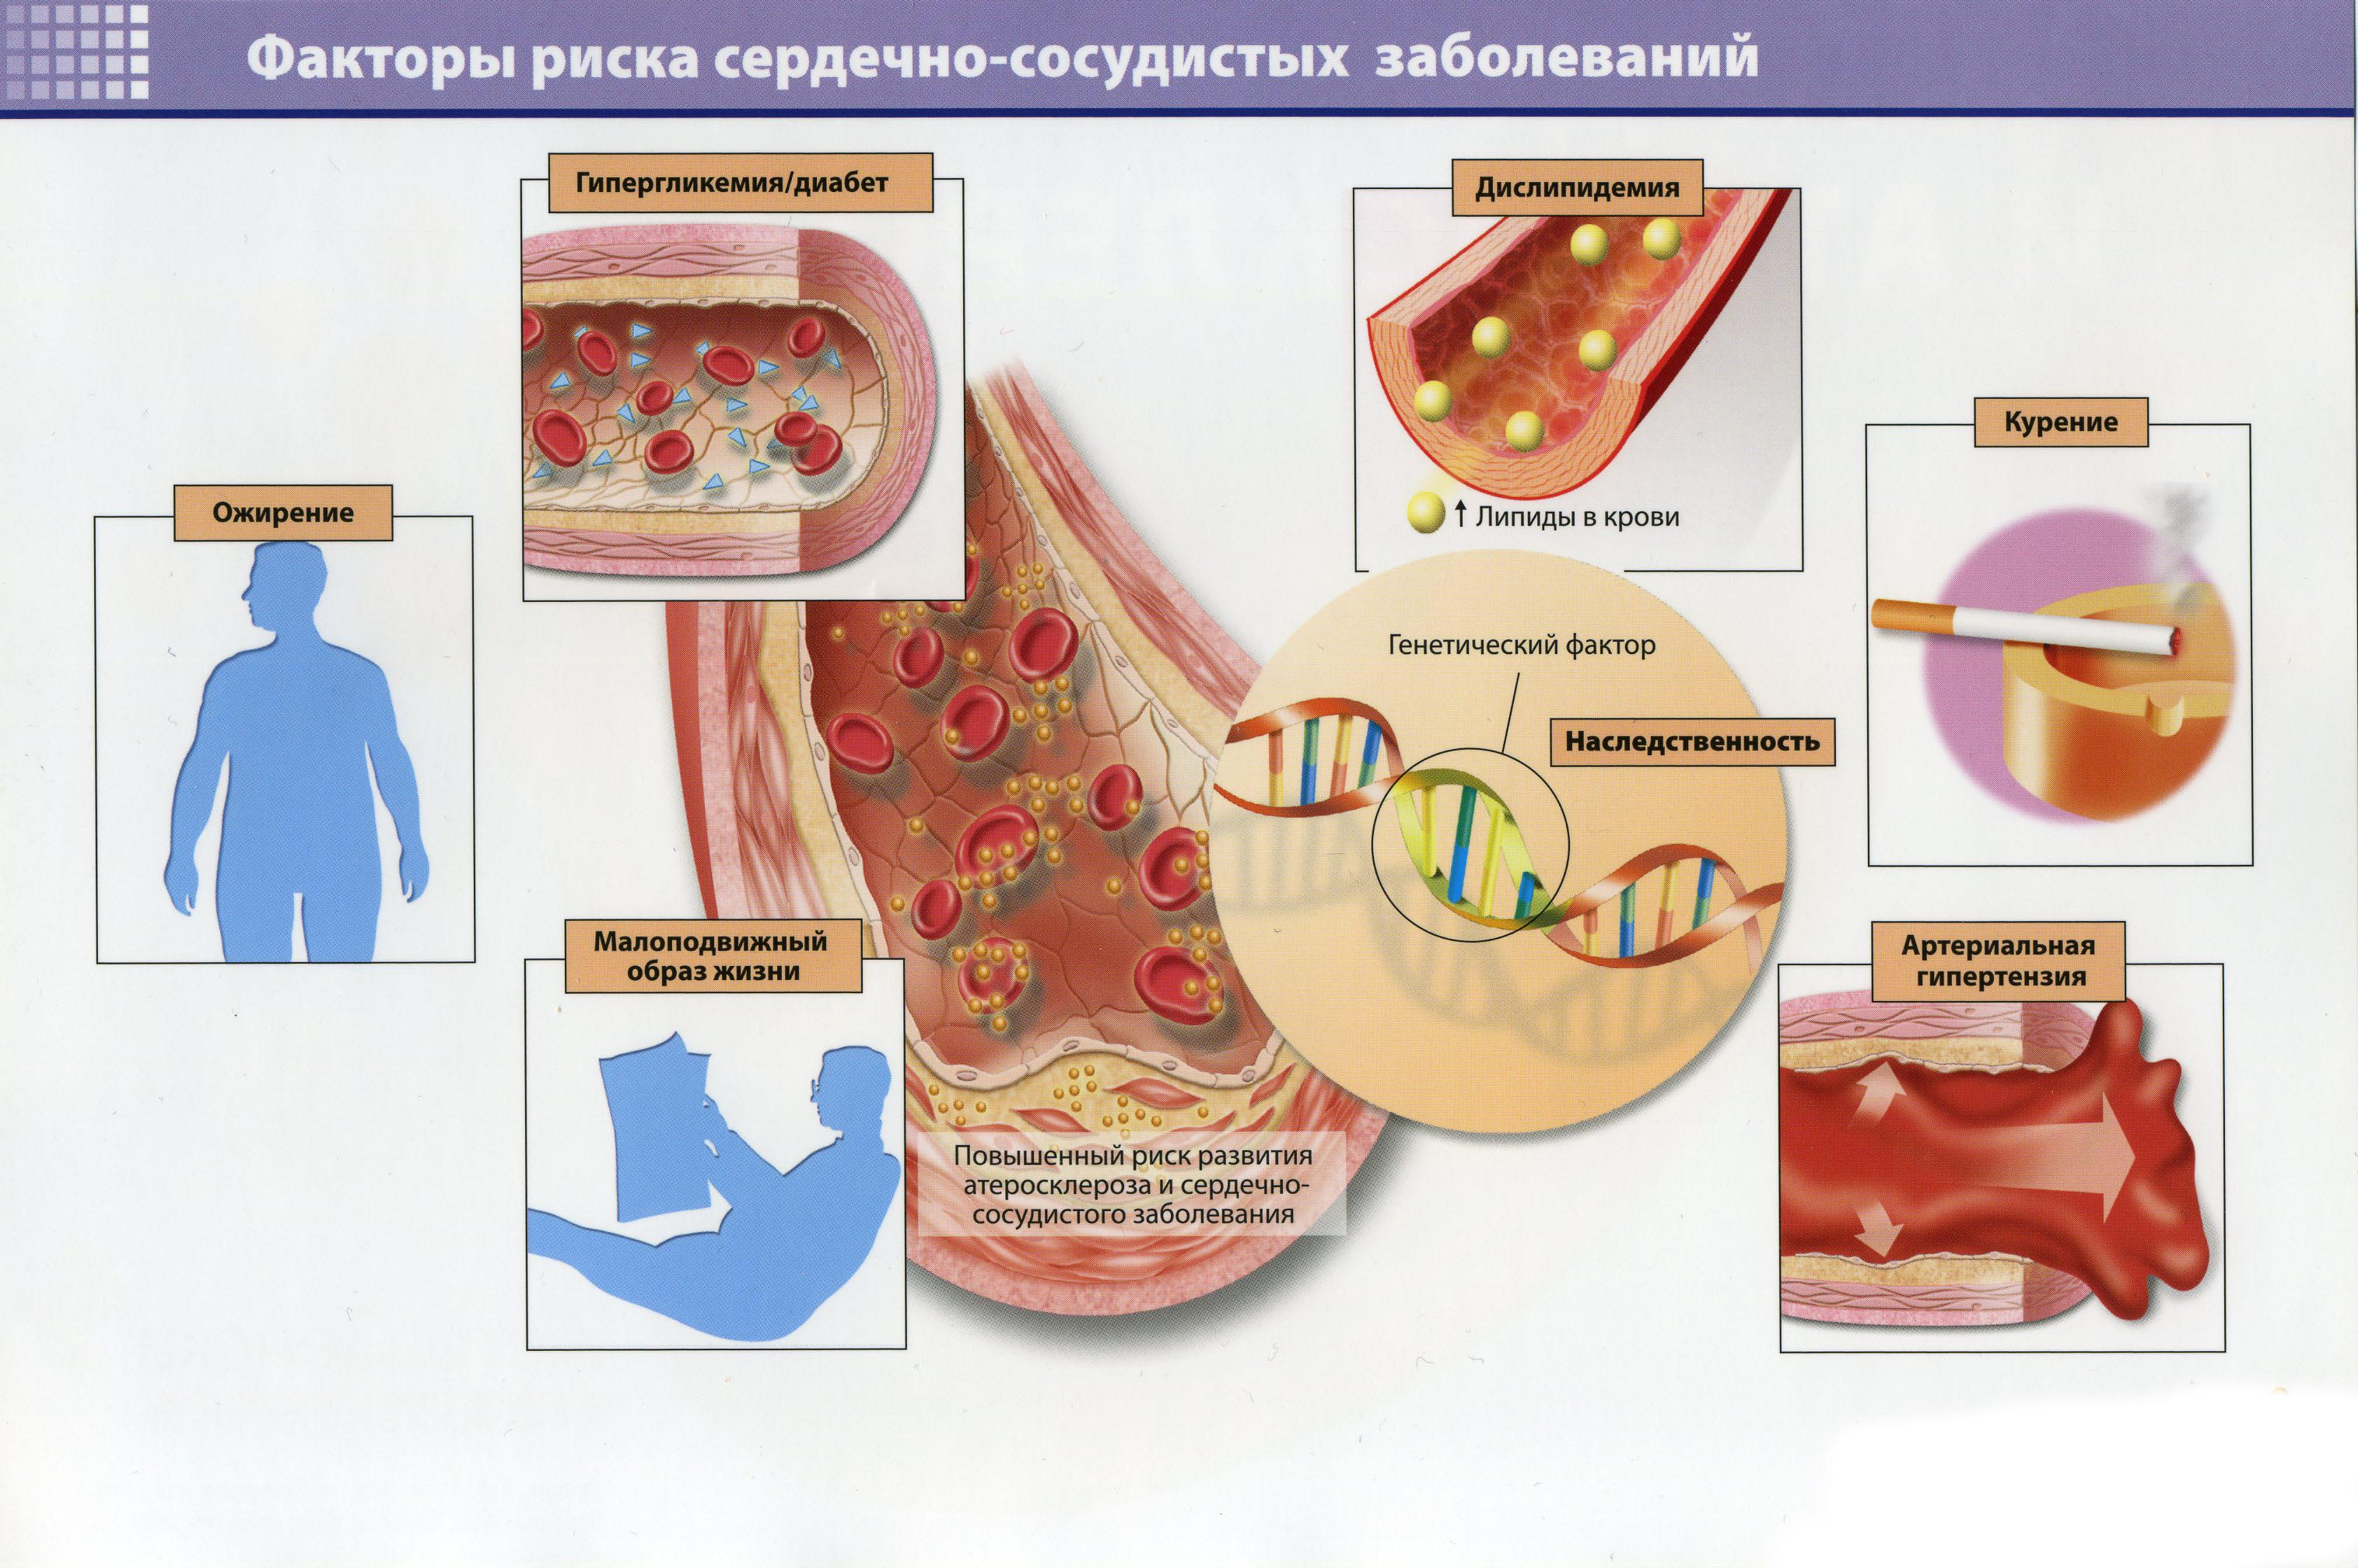 Факторы риска сердечно-сосудистых заболеваний